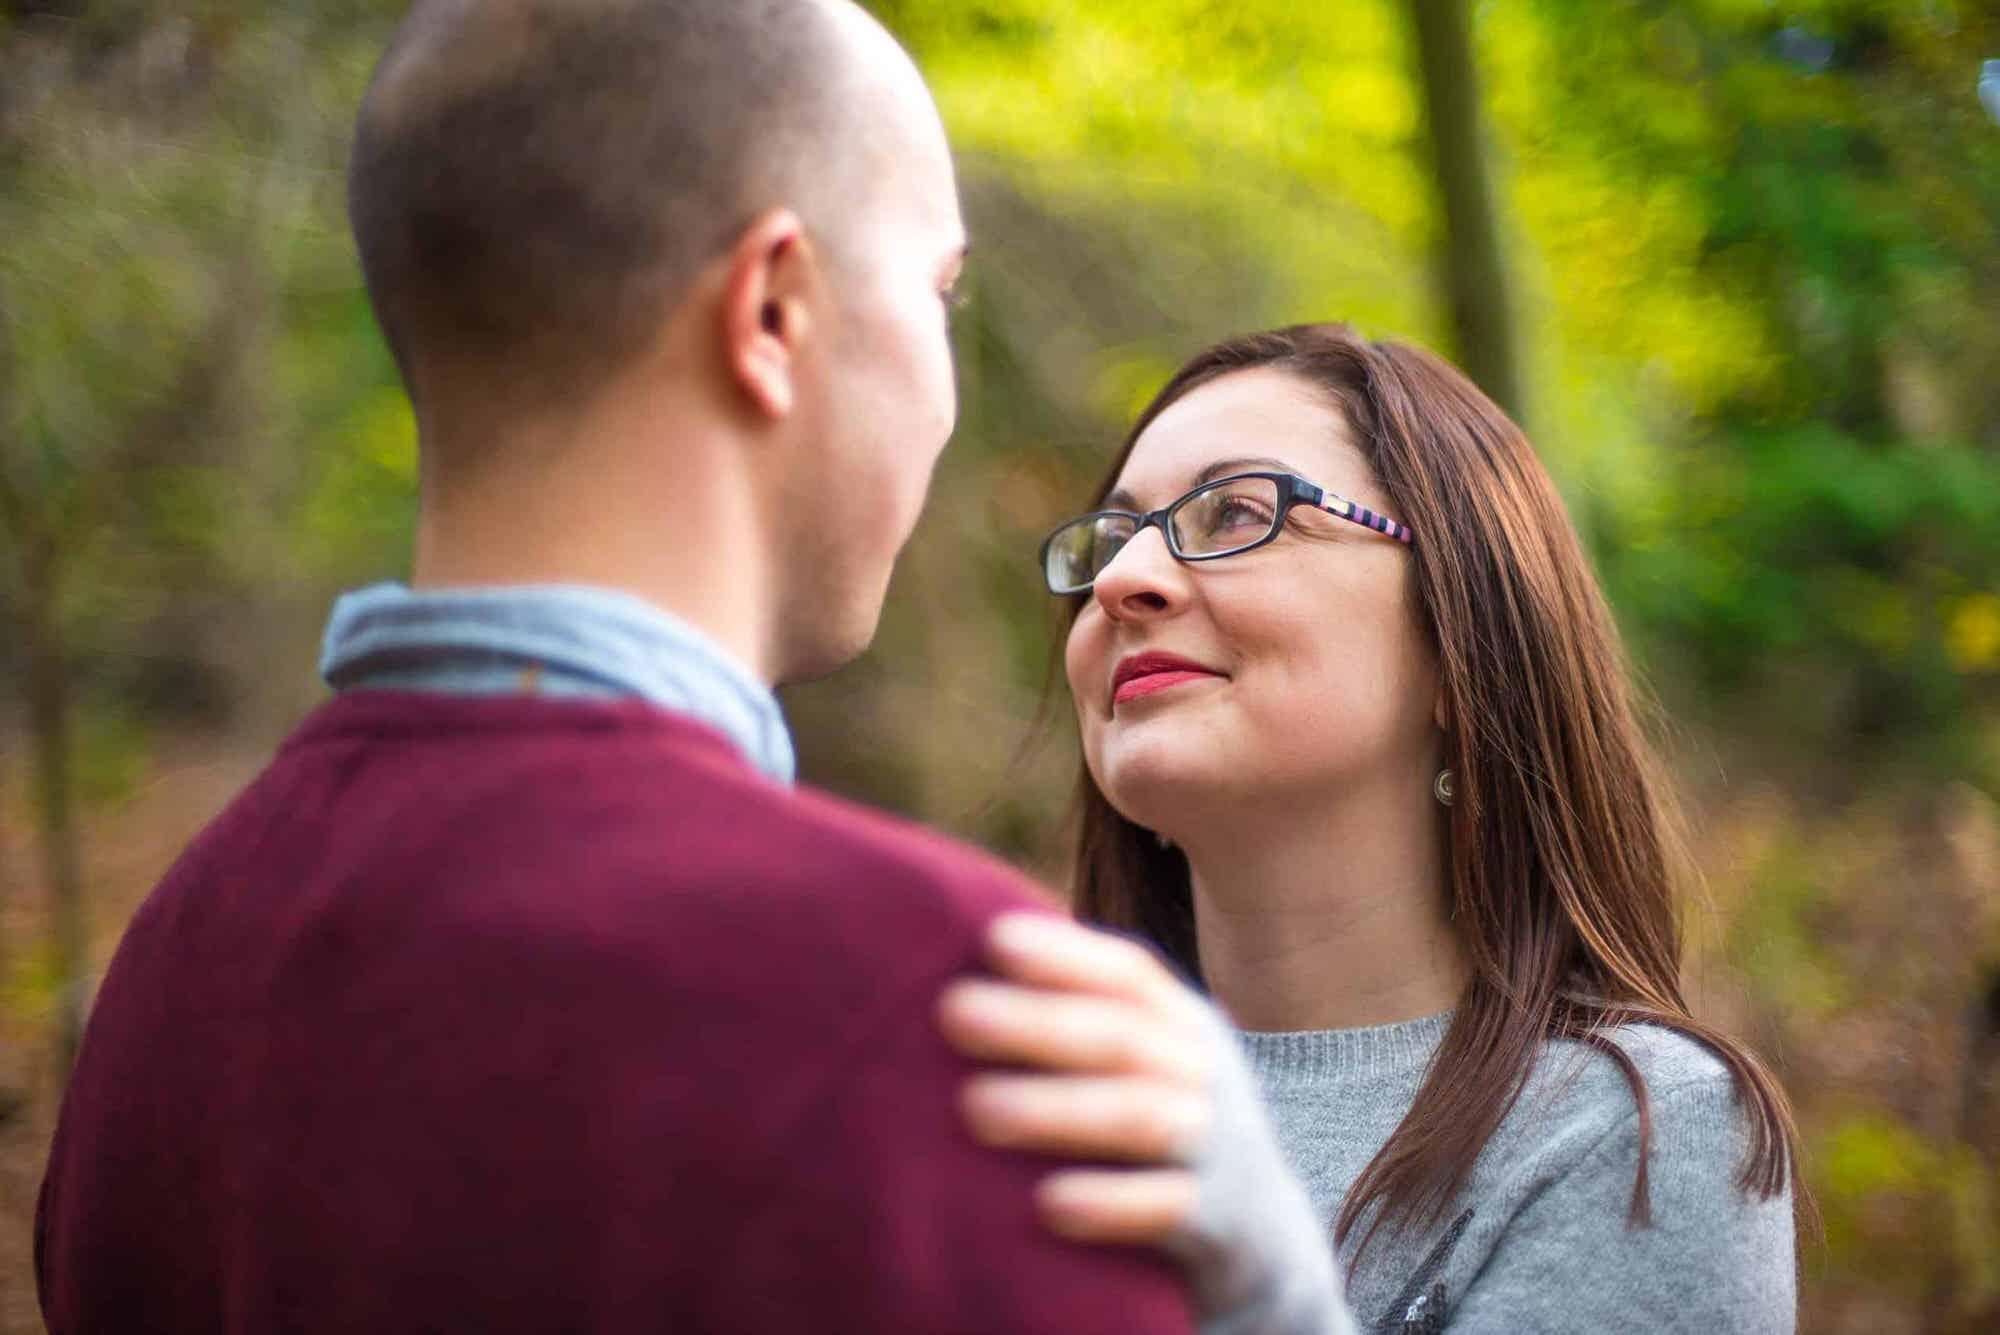 engaged couple norfolk photo shoot